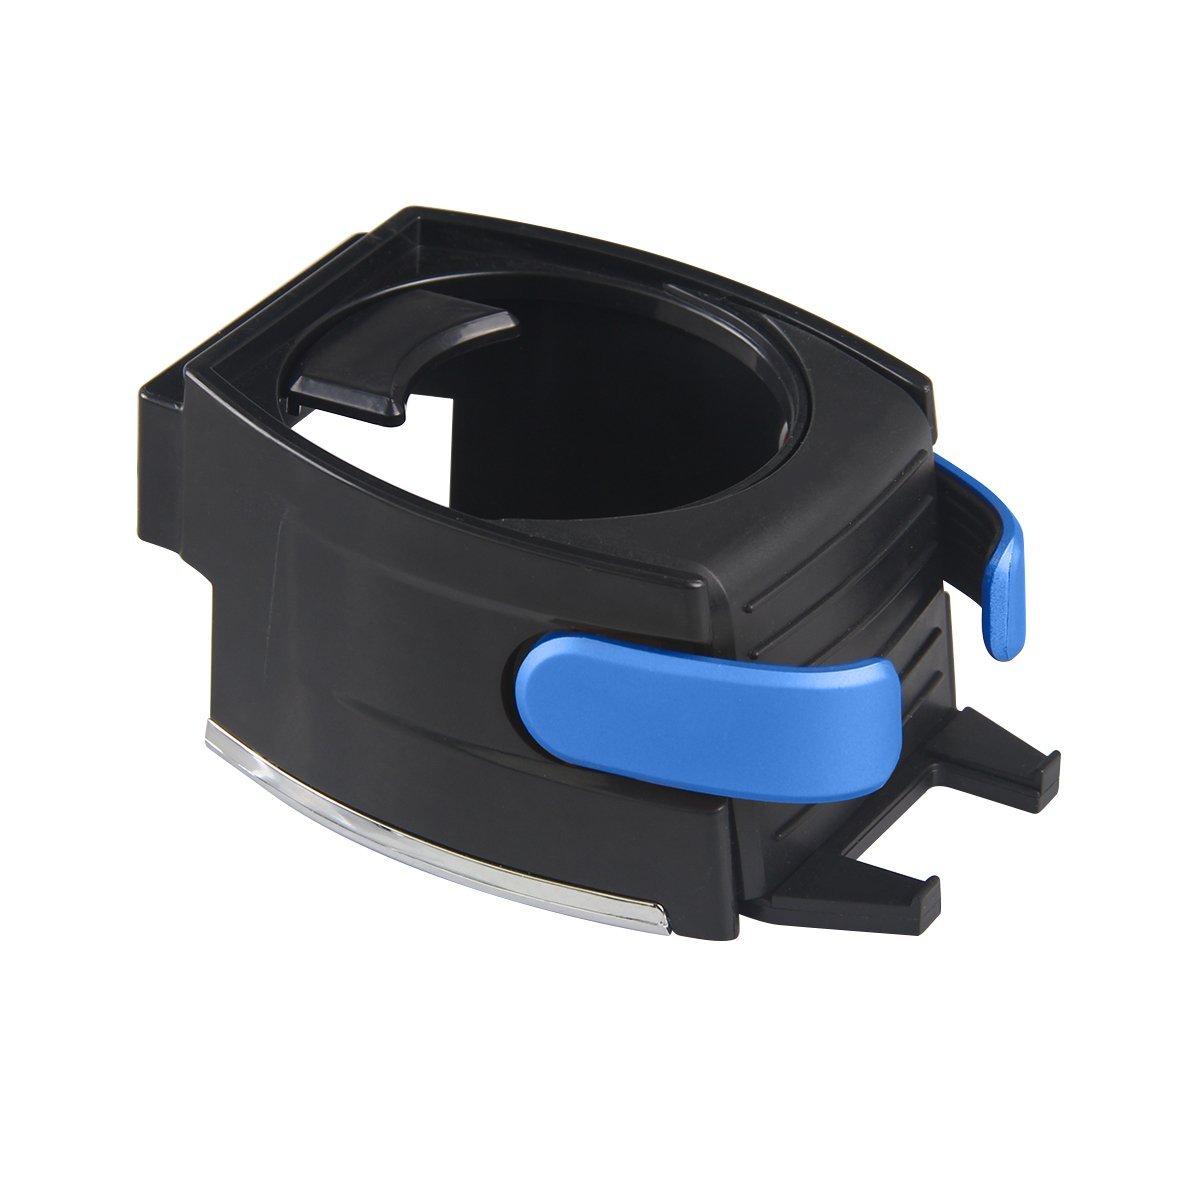 Cl/és Noir Bouteille// Canette XFAY 2 en 1 Support Multifonctionnel de Voiture en Plastique pour Gobelet//Smartphone /& Support Porte-gobelet /& Support T/él/éphone Cartes ect